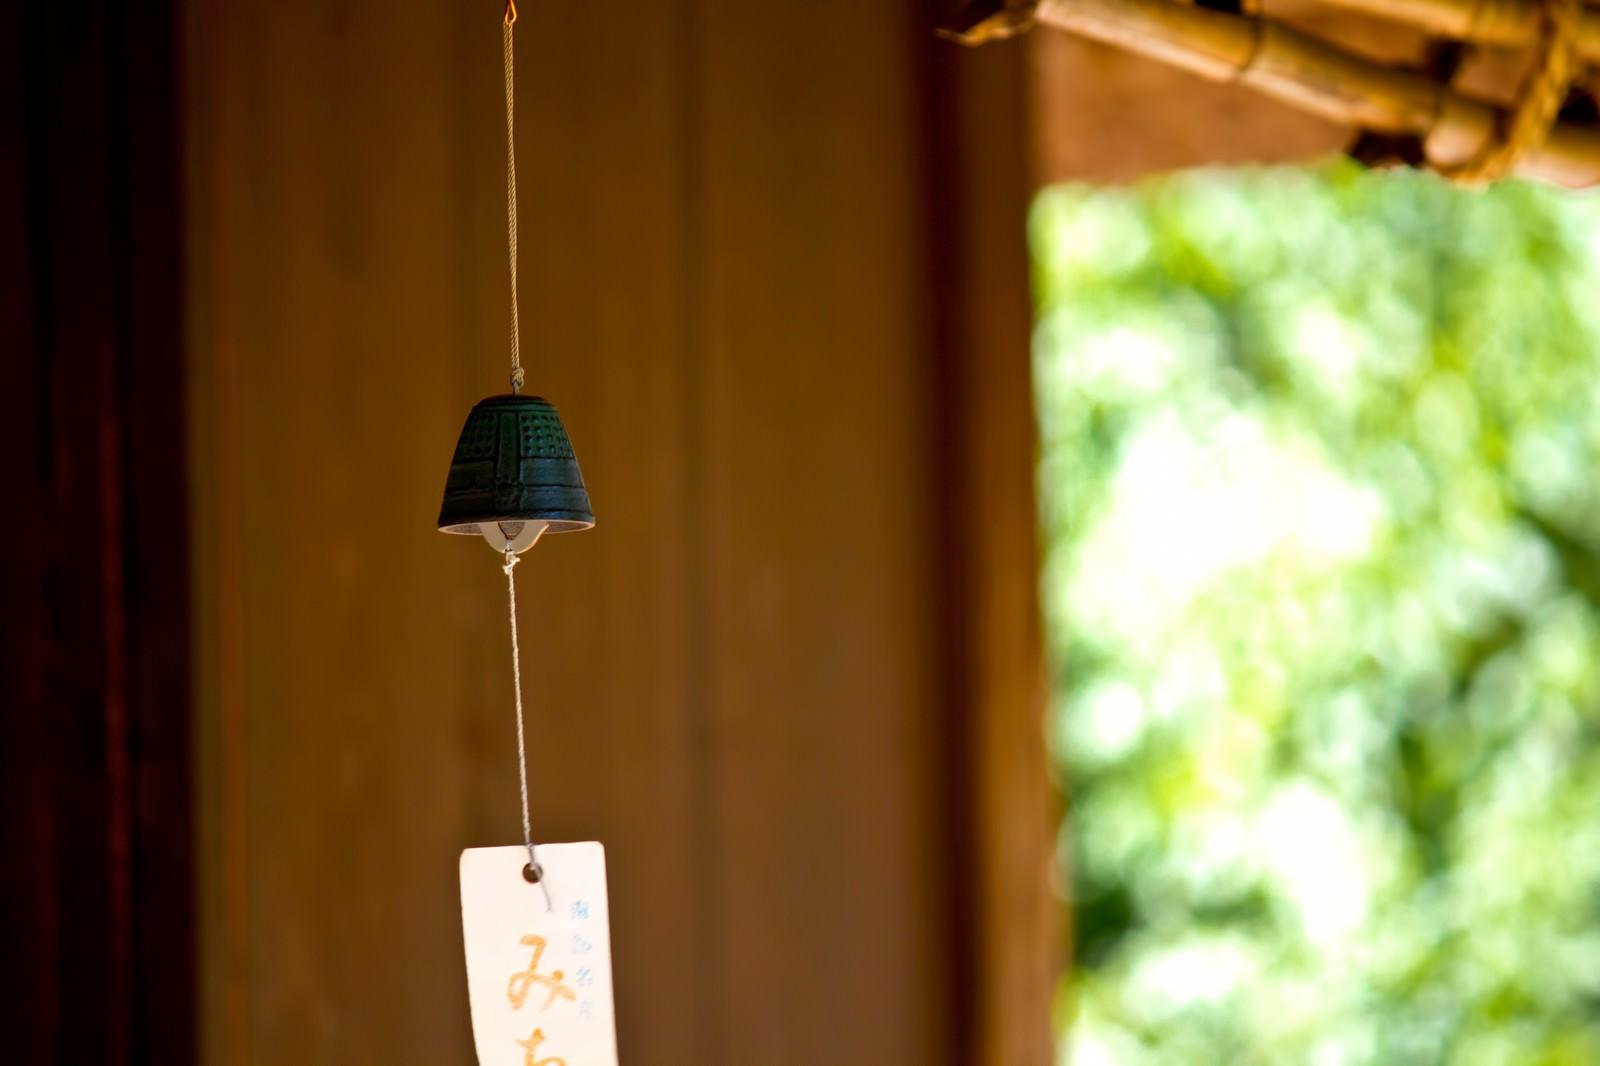 「軒先の風鈴」の写真